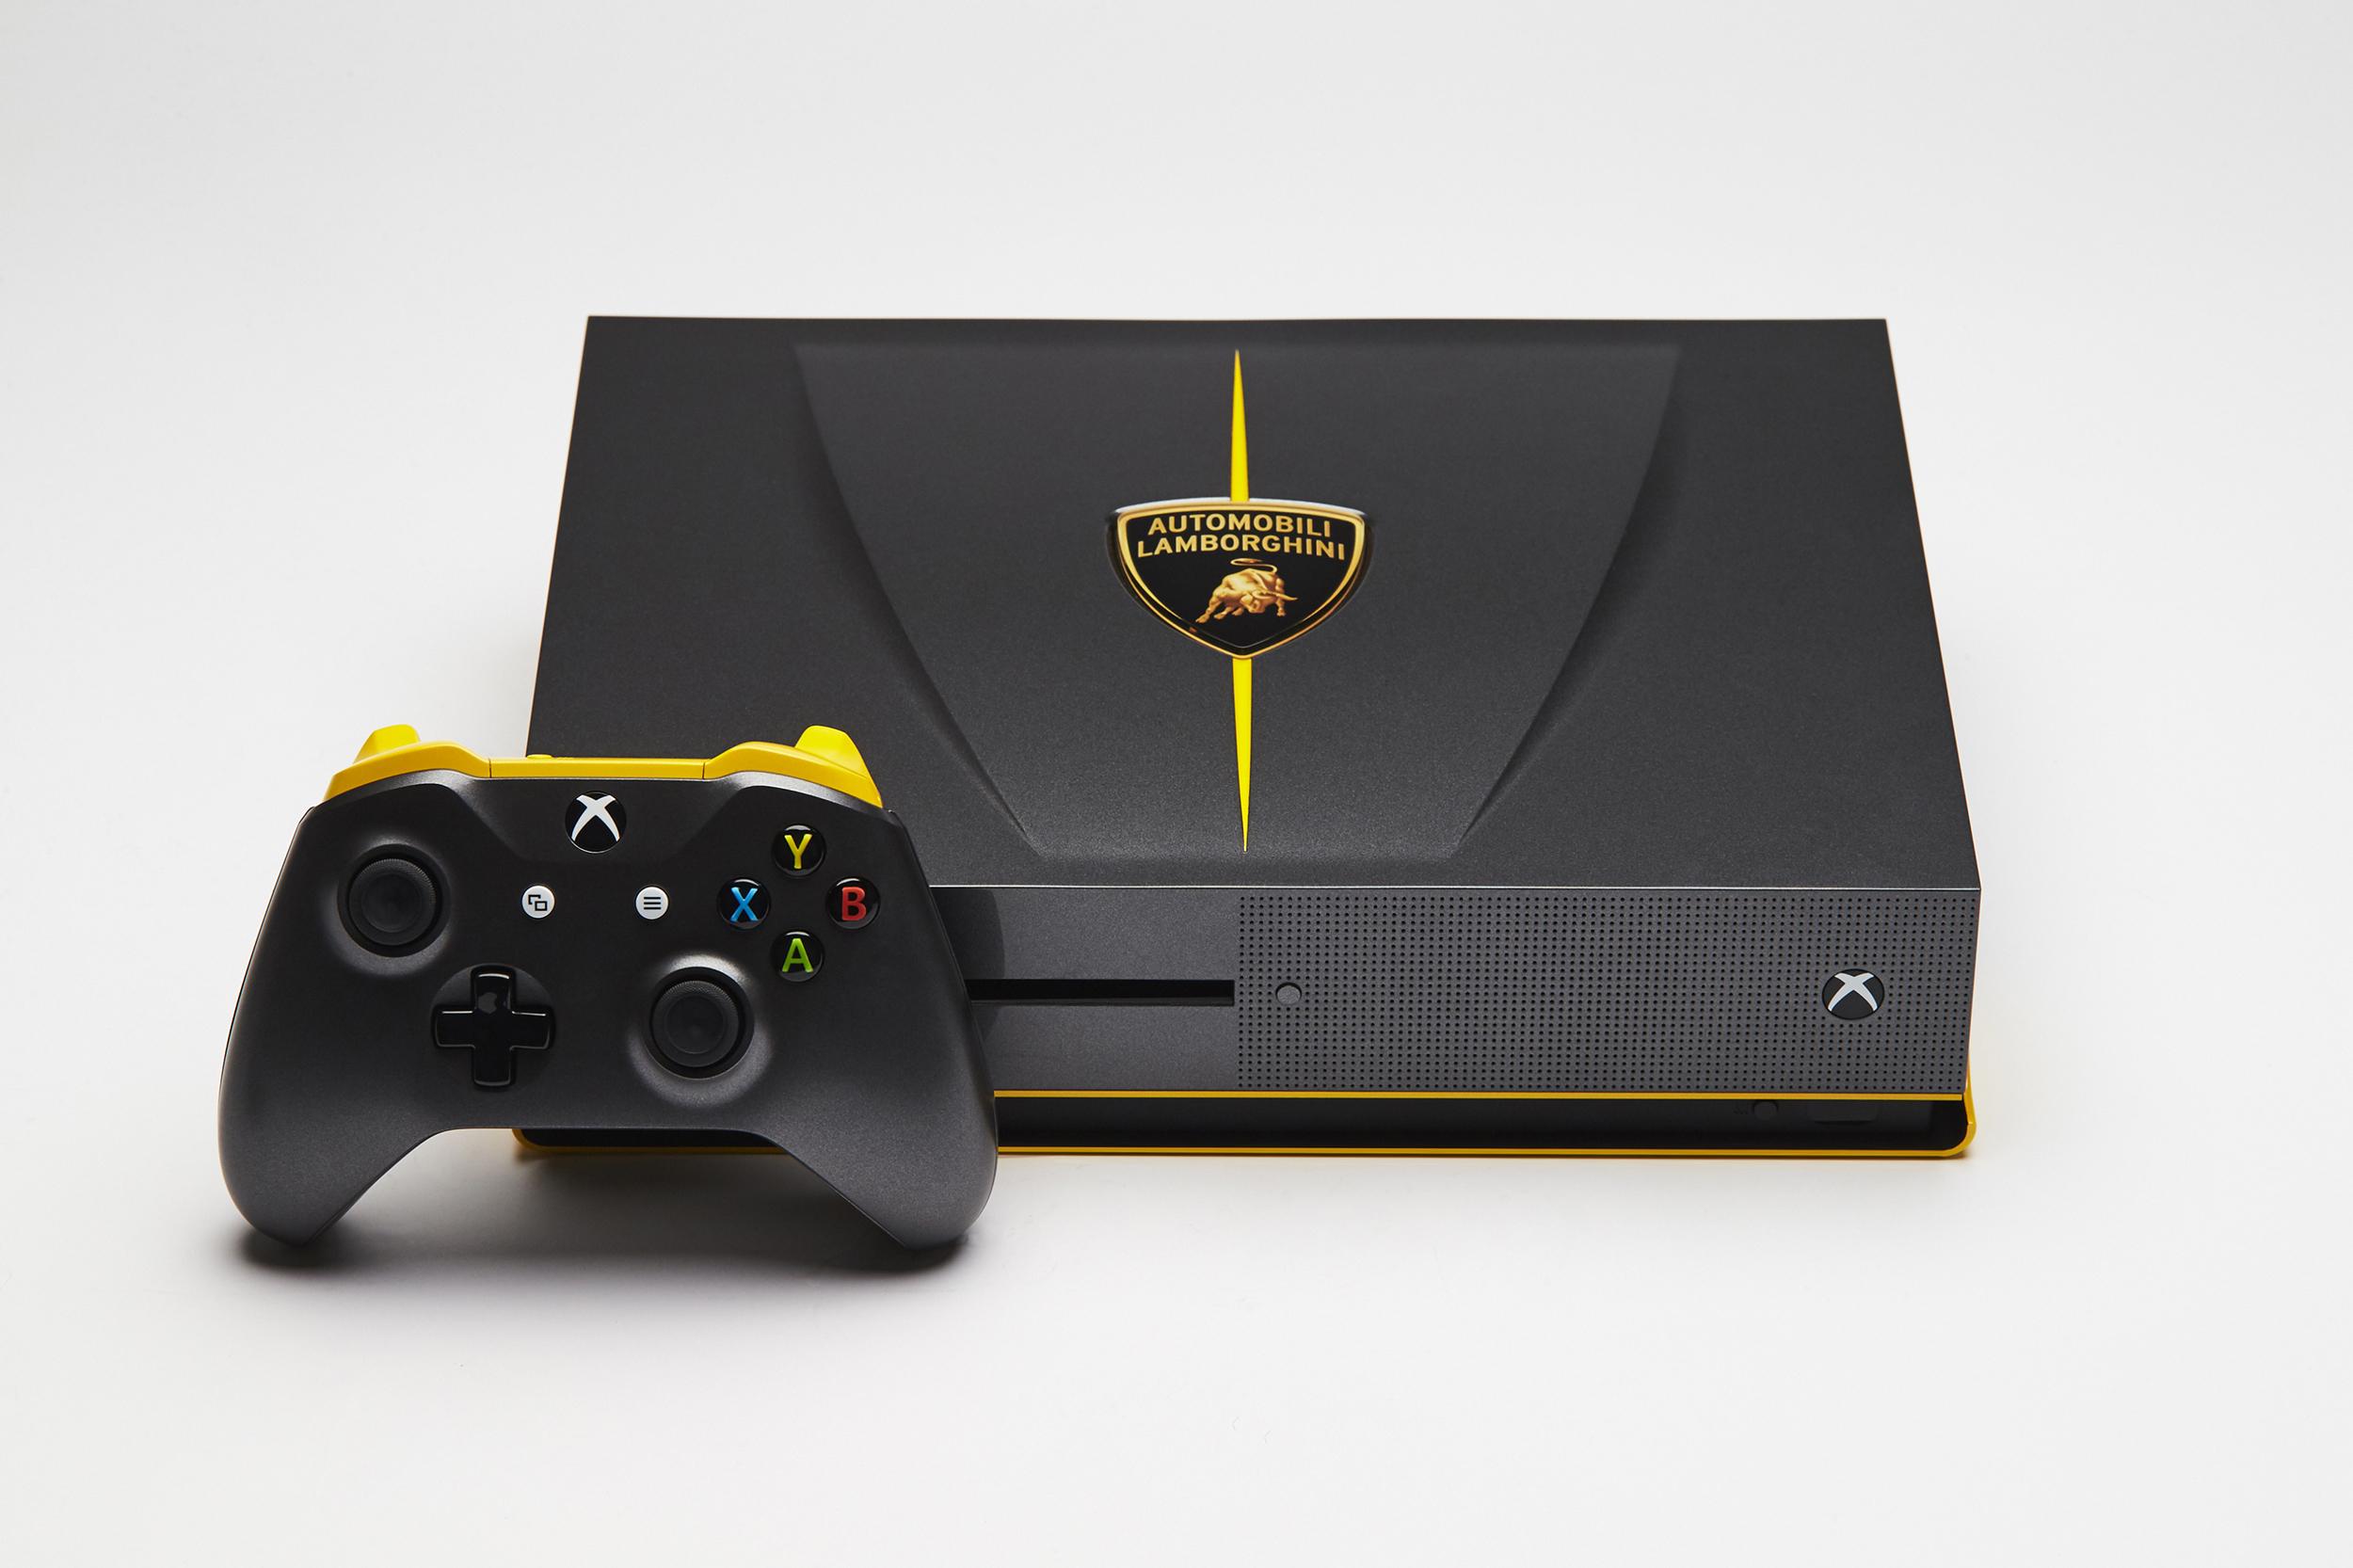 Foto de Xbox One S Lambborghini (6/8)